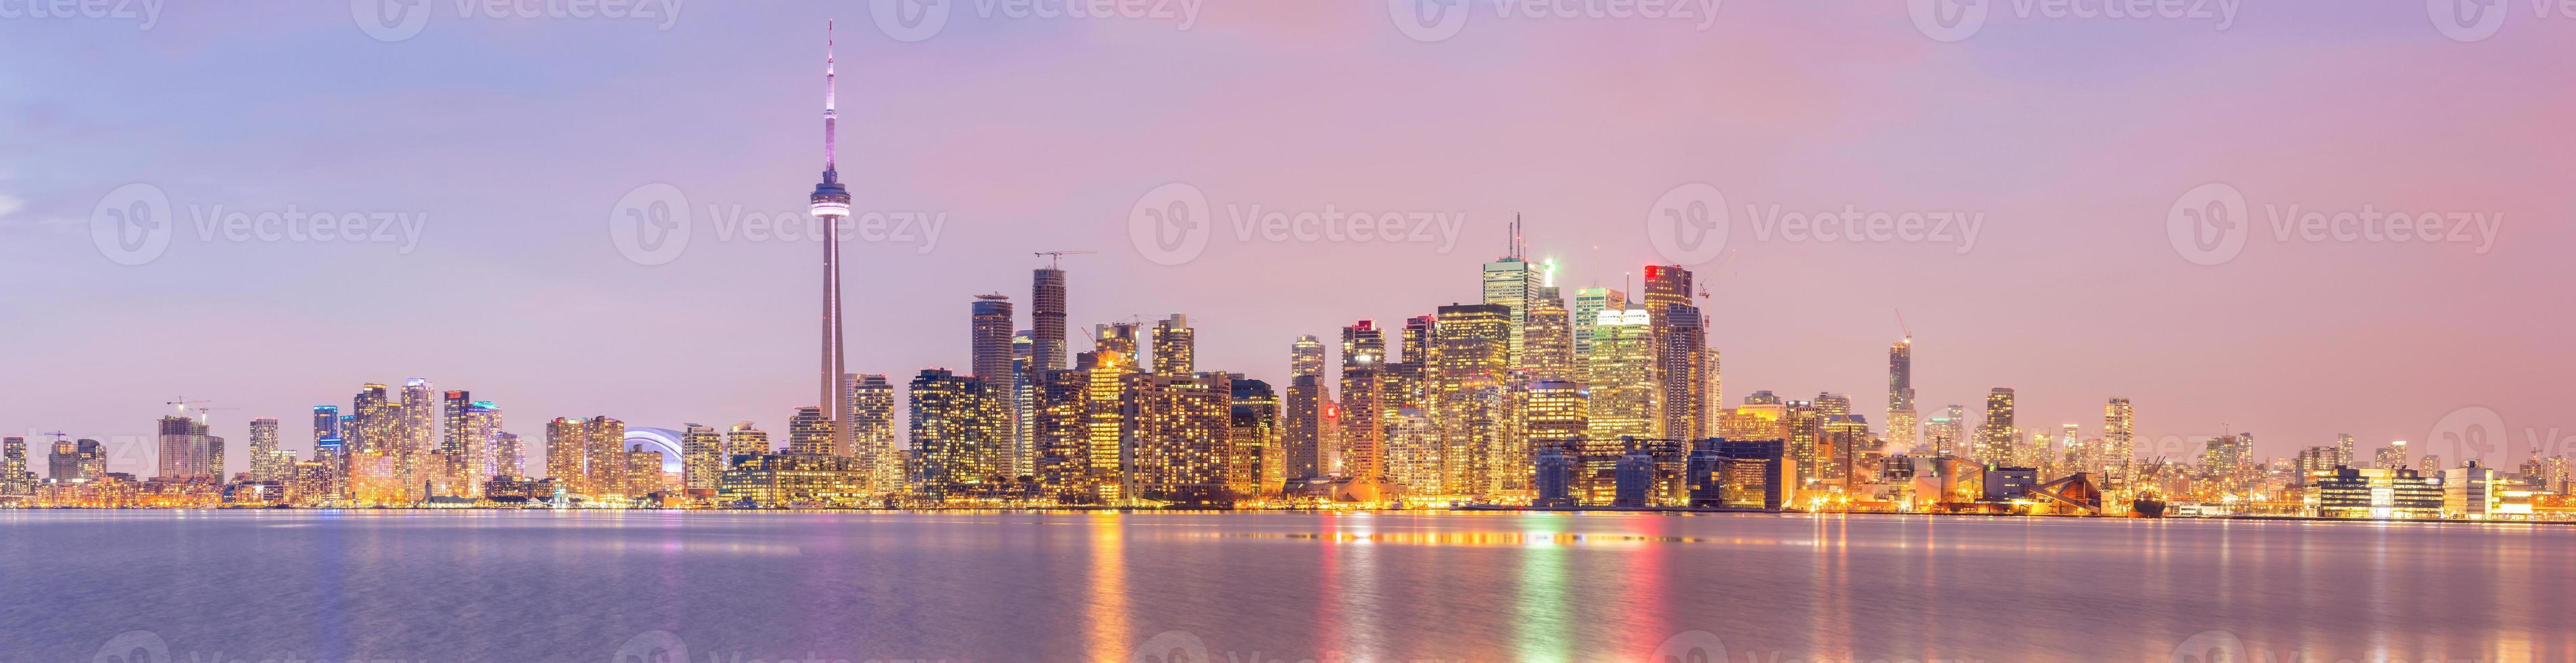 Toronto Skyline panorama photo